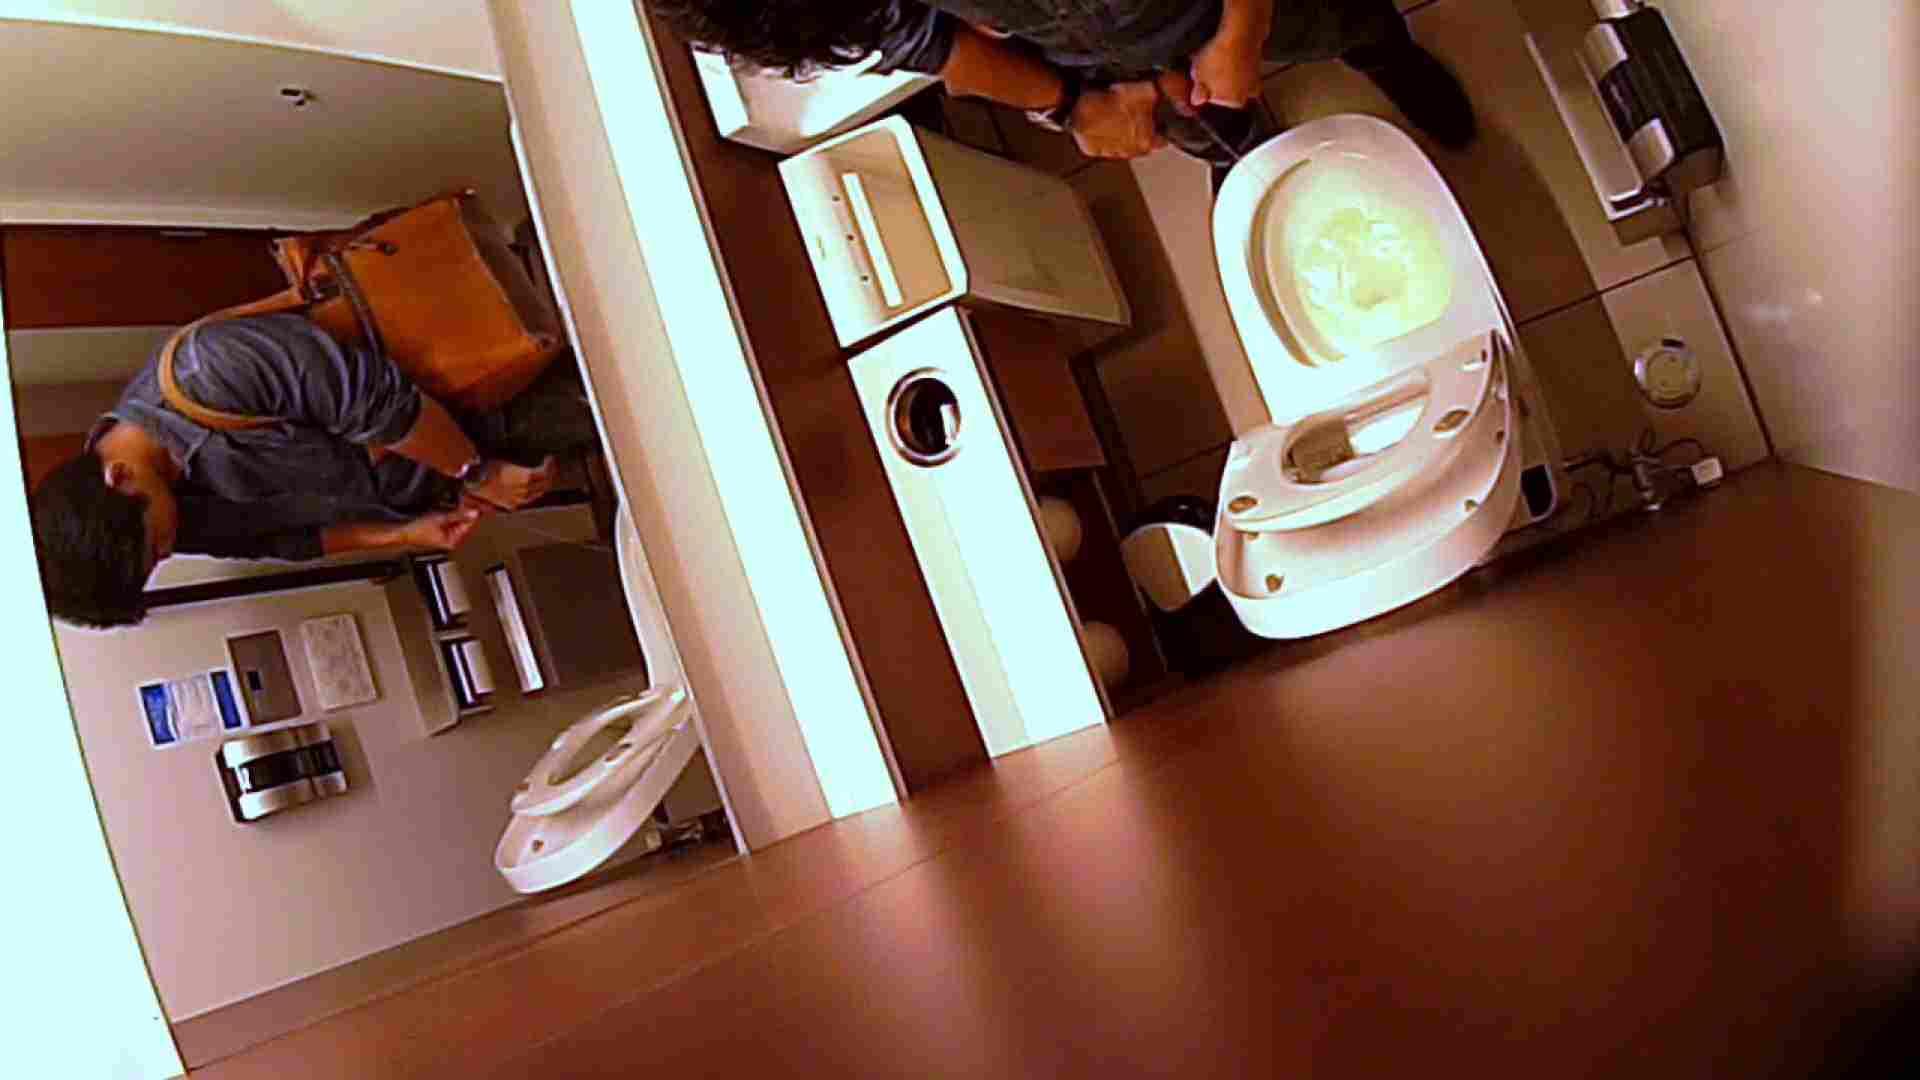 すみませんが覗かせてください Vol.31 トイレ  35連発 12